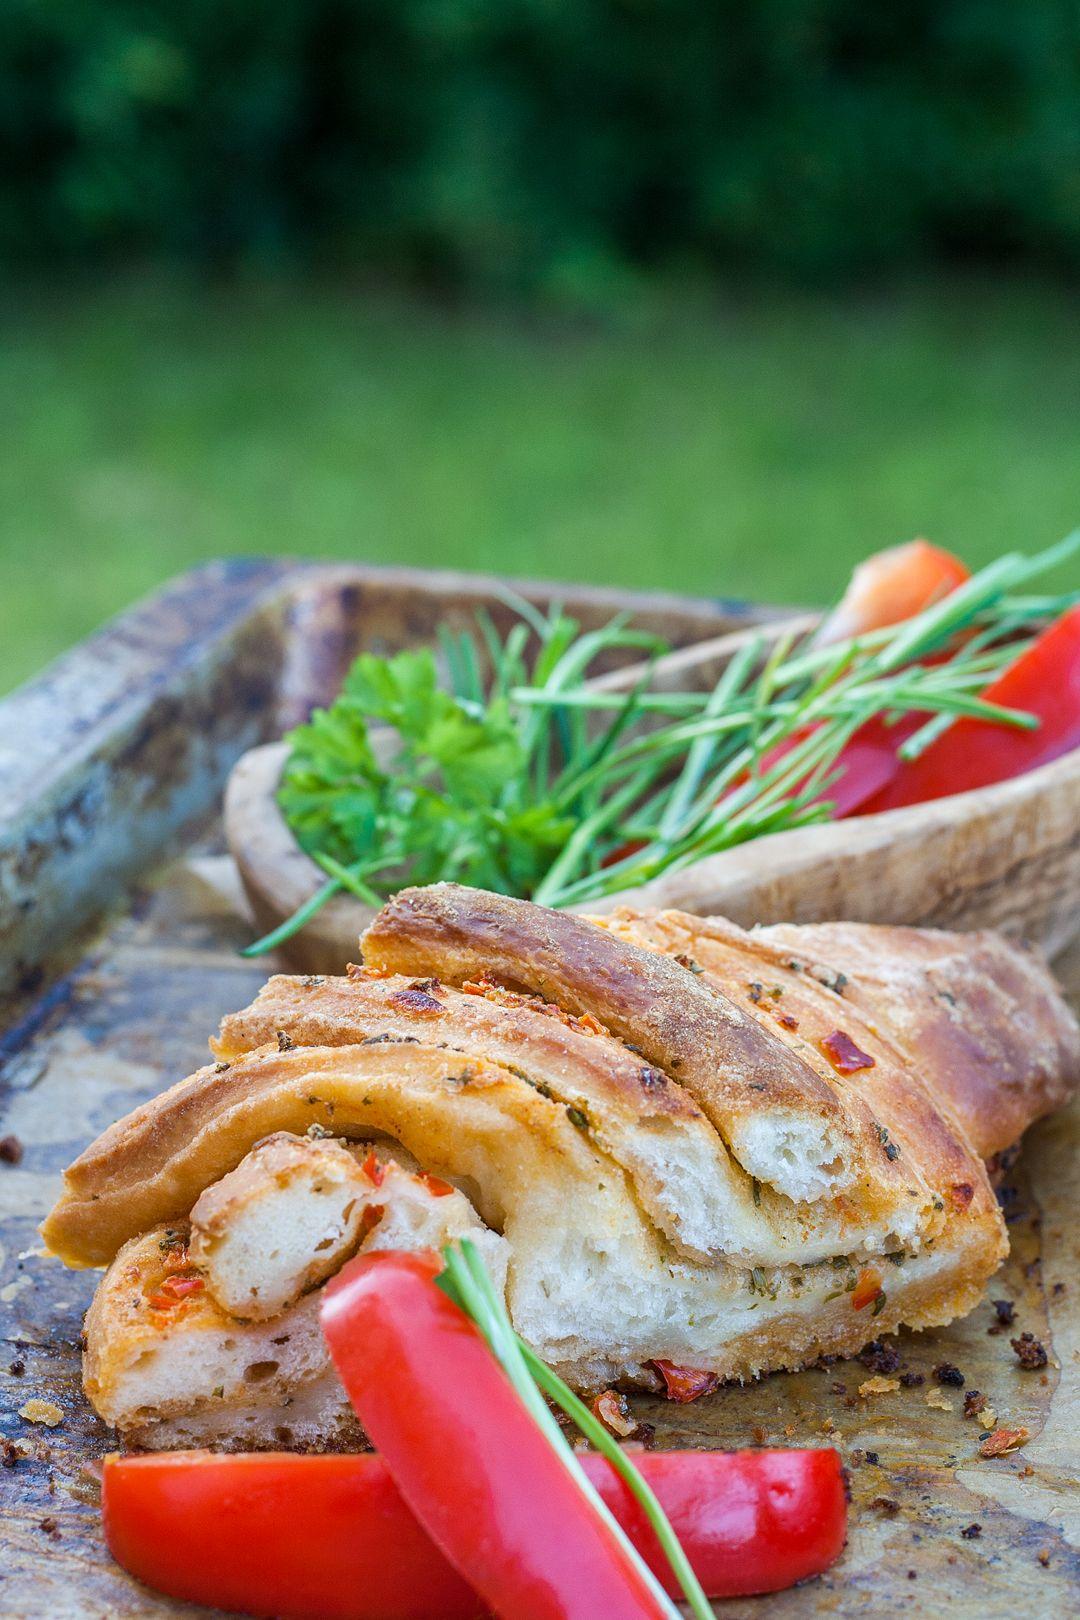 zupfbrot mit einer butter-paprika-füllung, perekt zum grillen